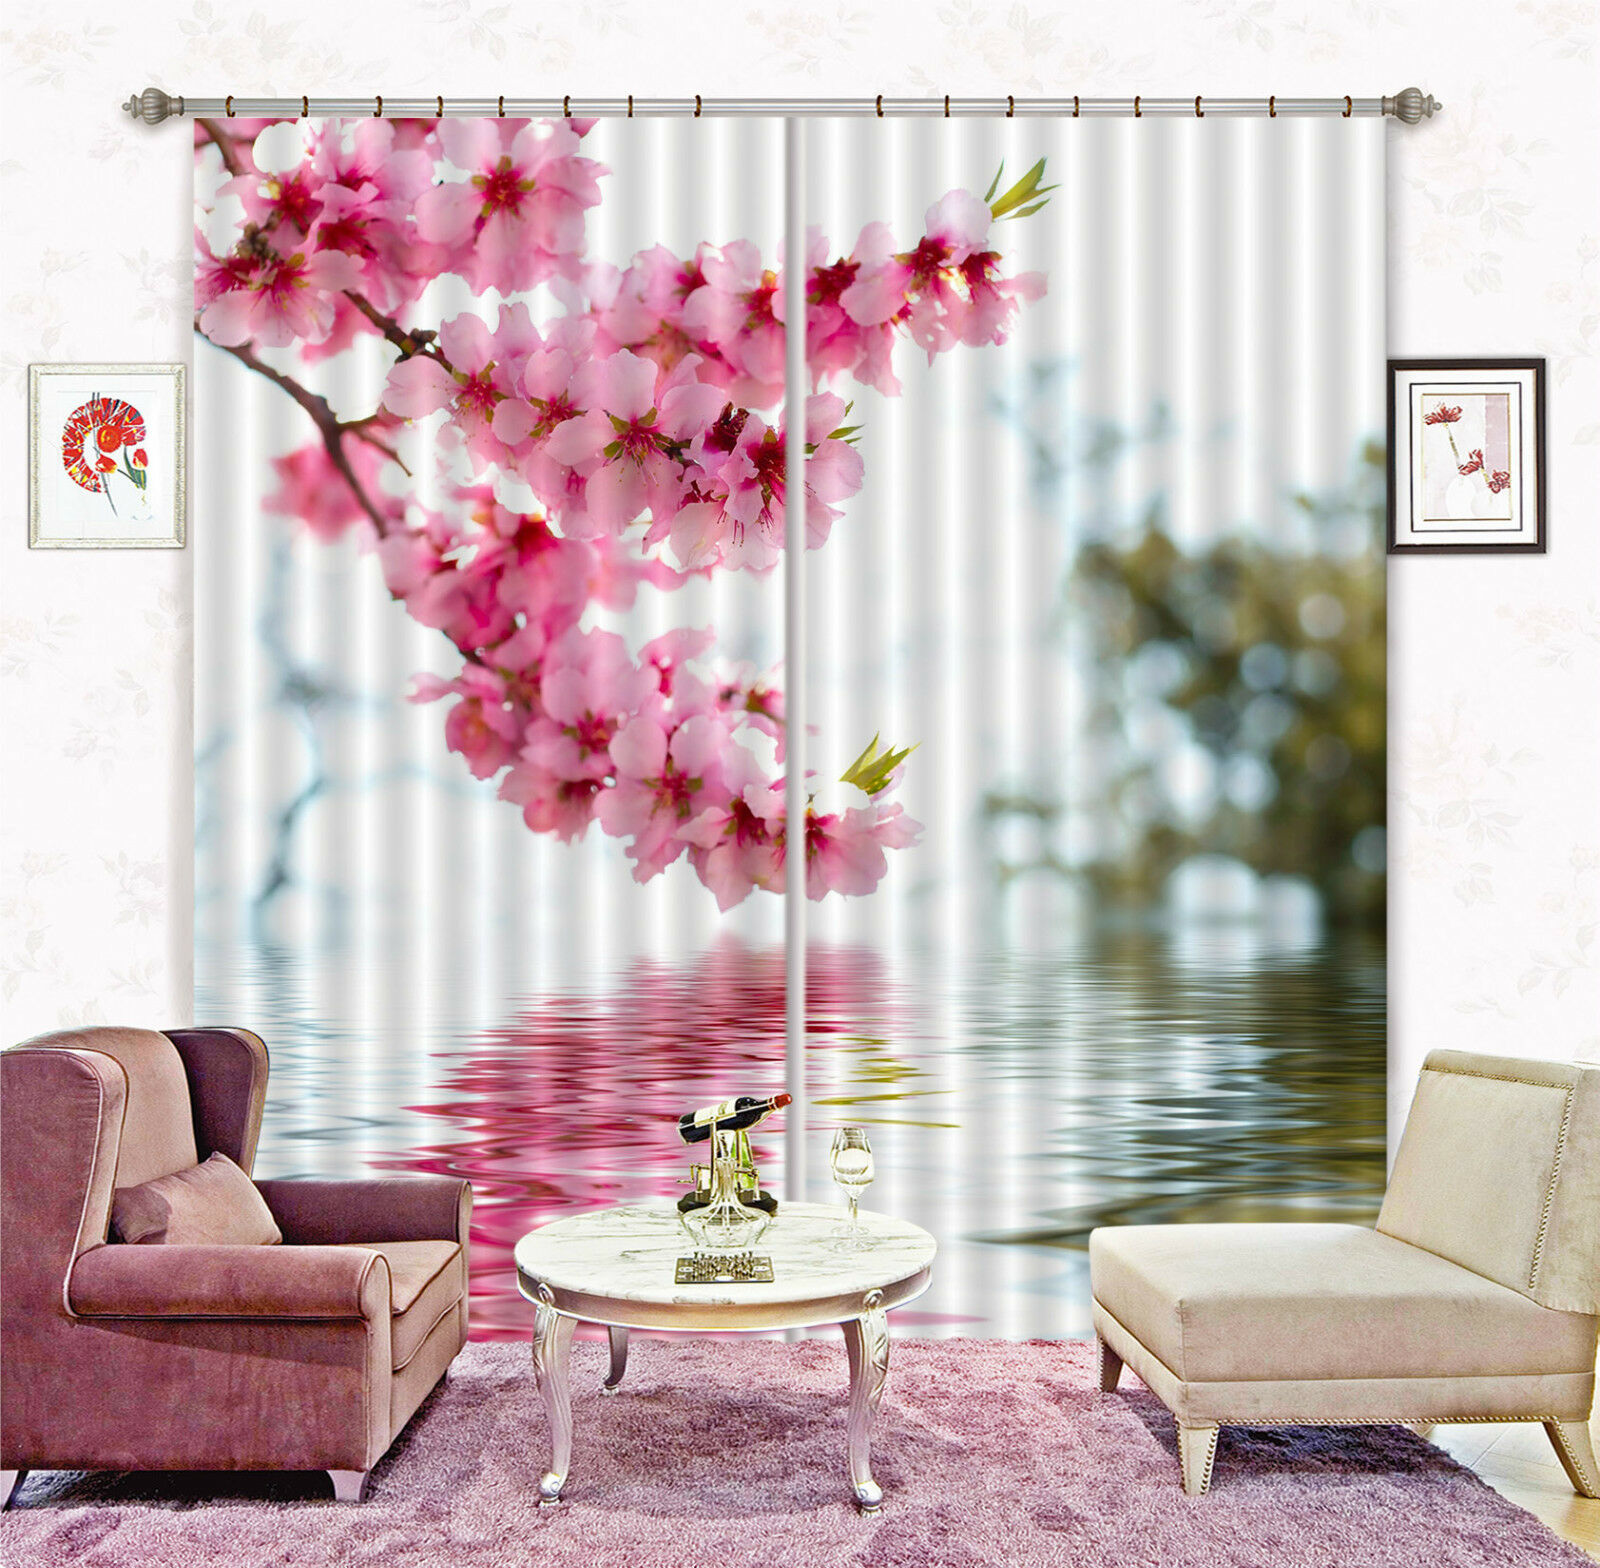 3d fiori REBE 668 blocco foto sipario pressione sipario tende tessuto finestra de